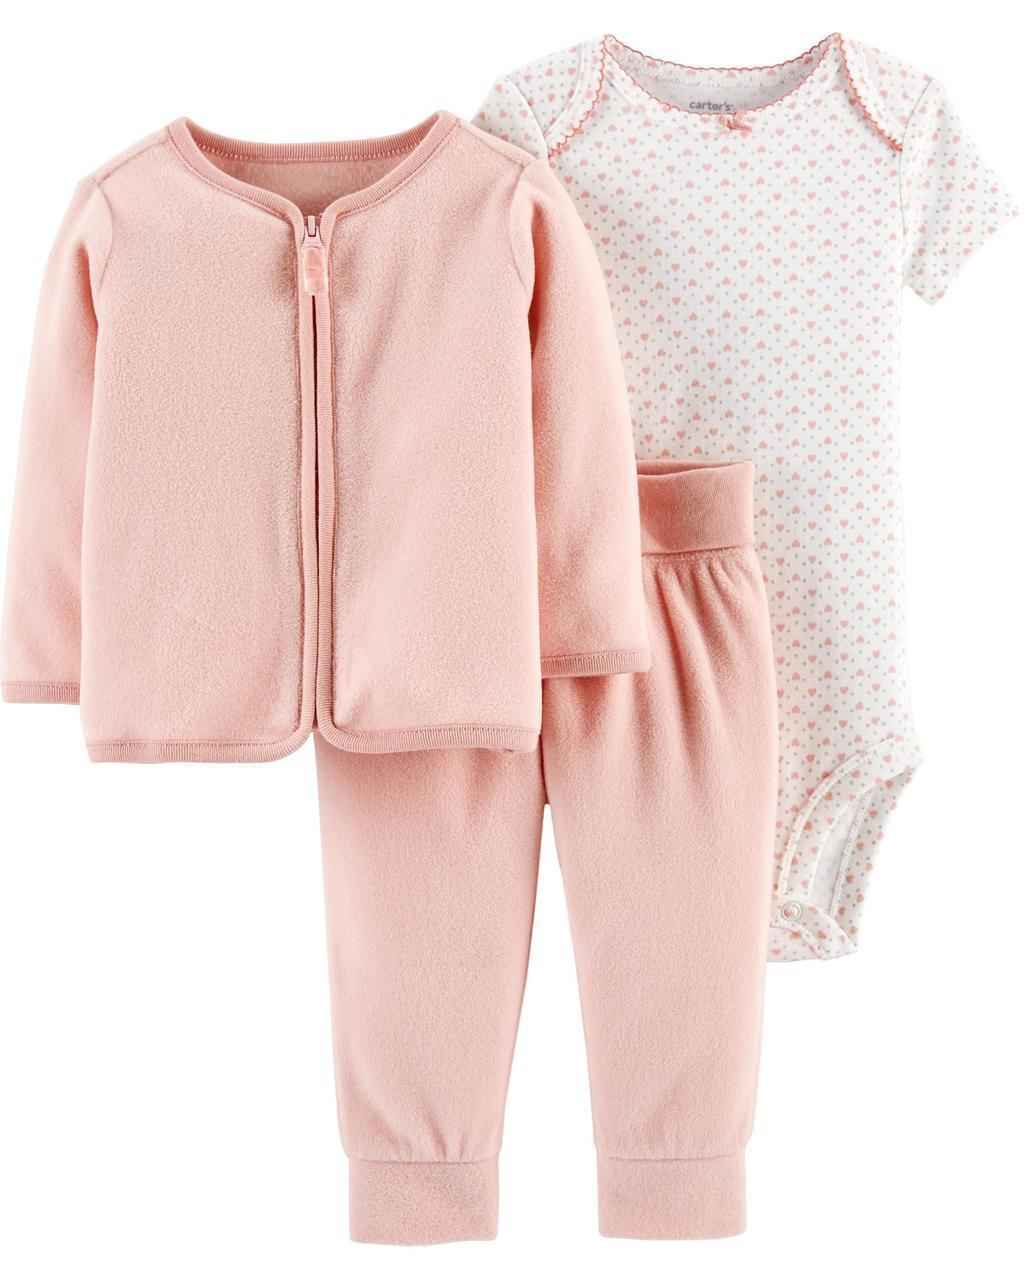 Кофта флисовая + Штаны флисовые + Боди Carters для новорожденной девочки 46-55 см. Костюм 3-ка